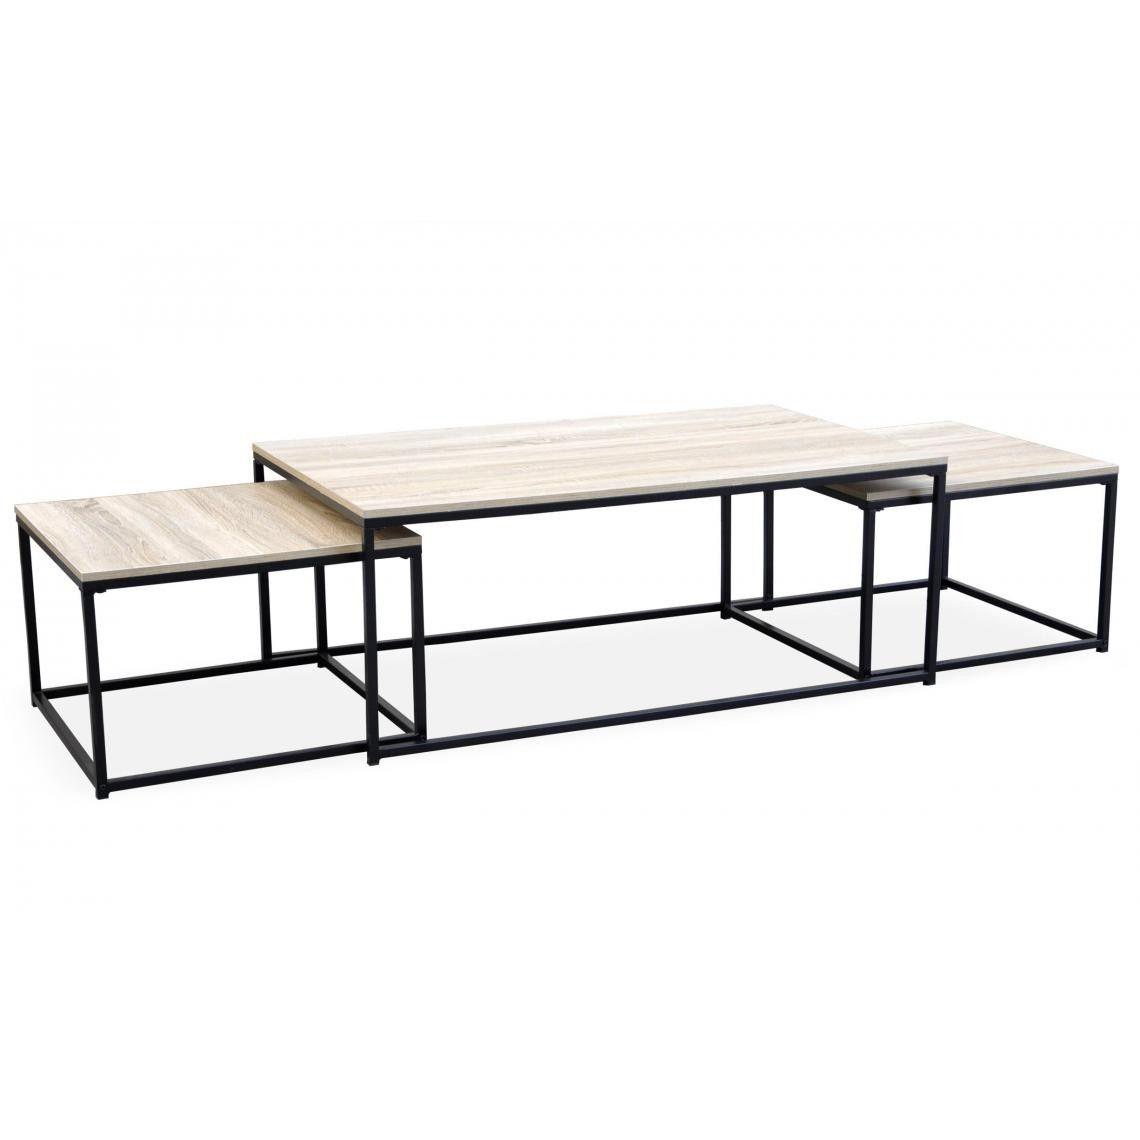 Table Basse Beige Et 2 Tables Gigognes Structure En Fer Noir Caro Plus De Details Table Basse Table Basse Extensible Tables Gigognes